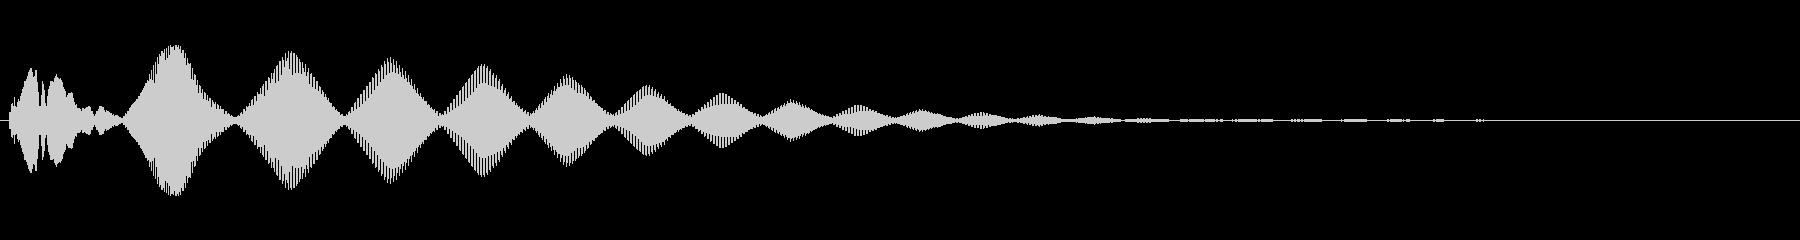 さまざまなピッチで複数のレーザービ...の未再生の波形